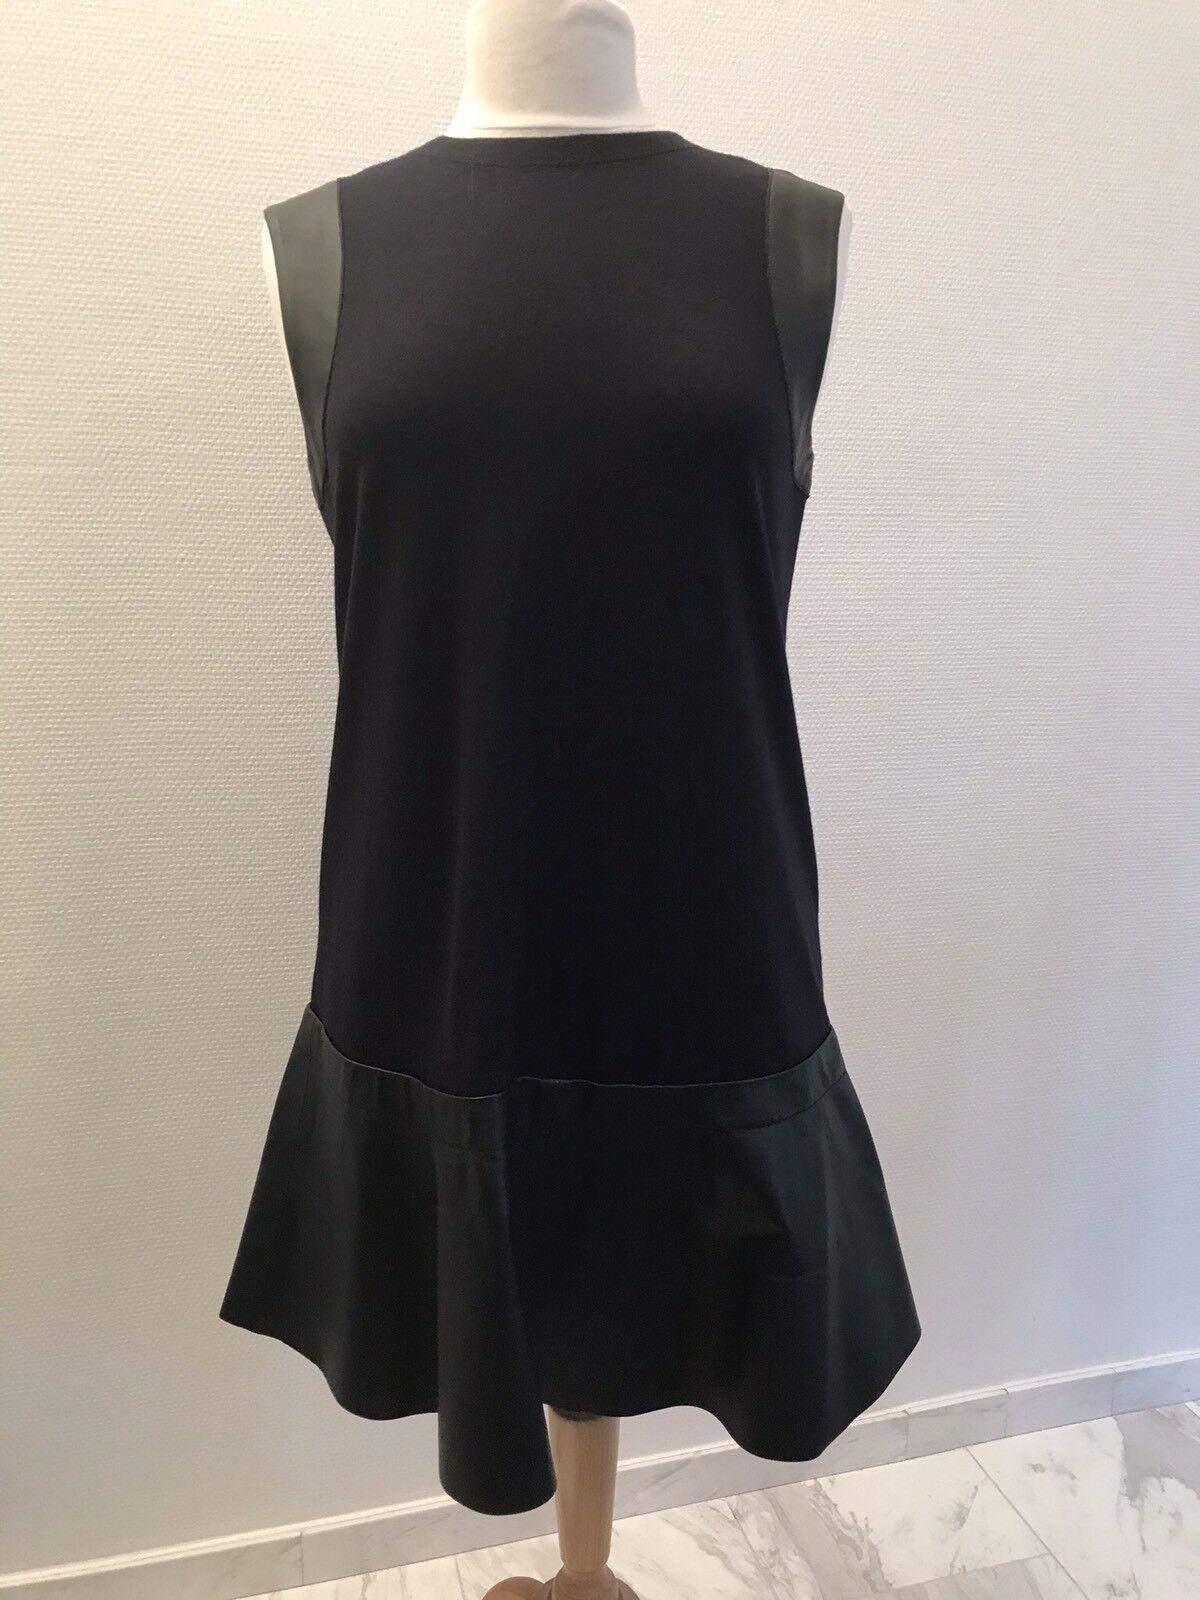 Balenciaga, Traumkleid, Nachtblue-Leder black, Neu Und Ungetragen NP 1350,-